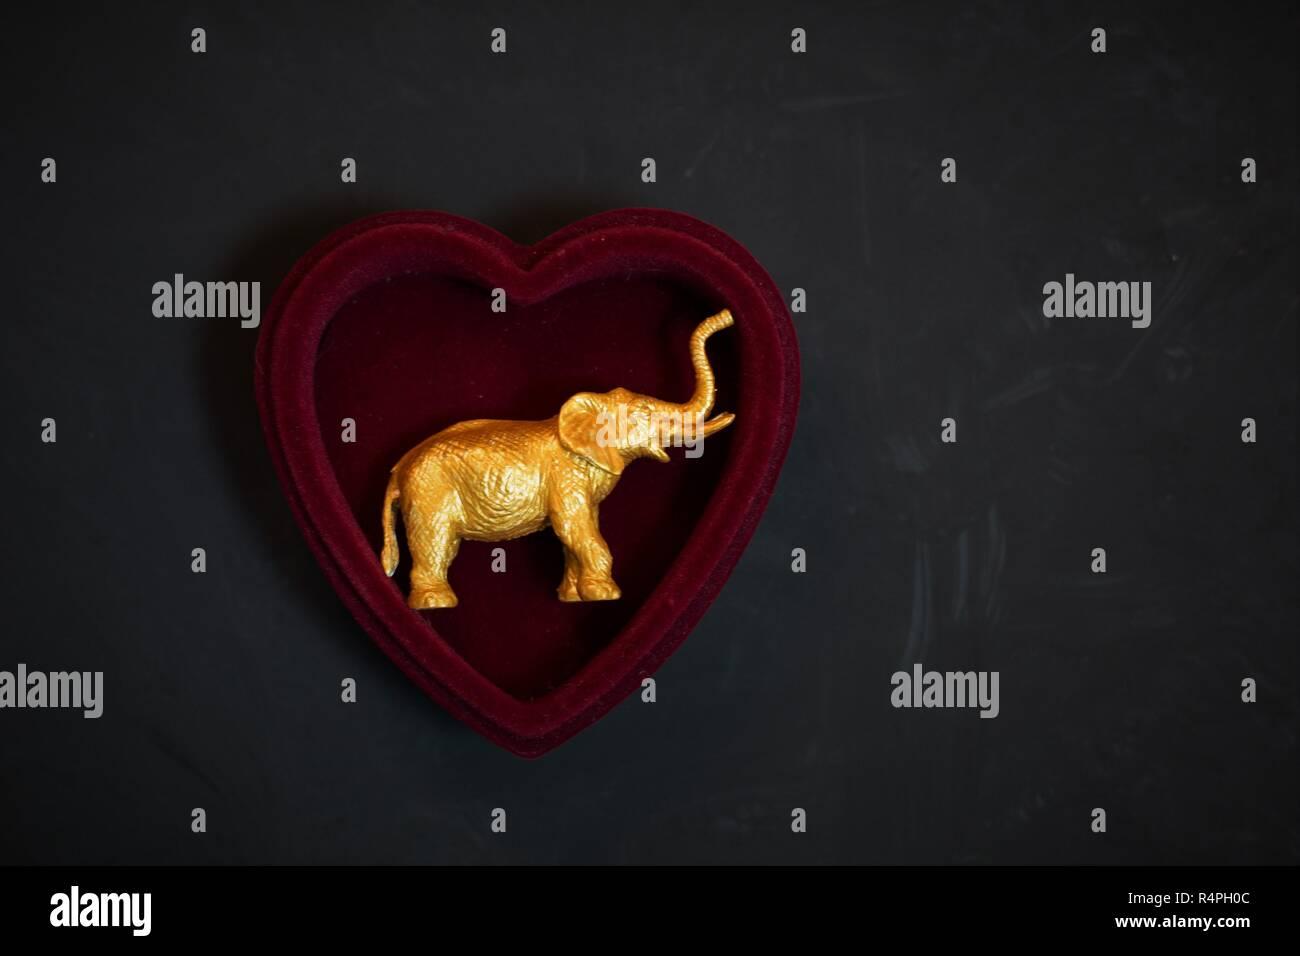 Un oro statuetta elefante dentro un cuore-scatola sagomata. Immagini Stock